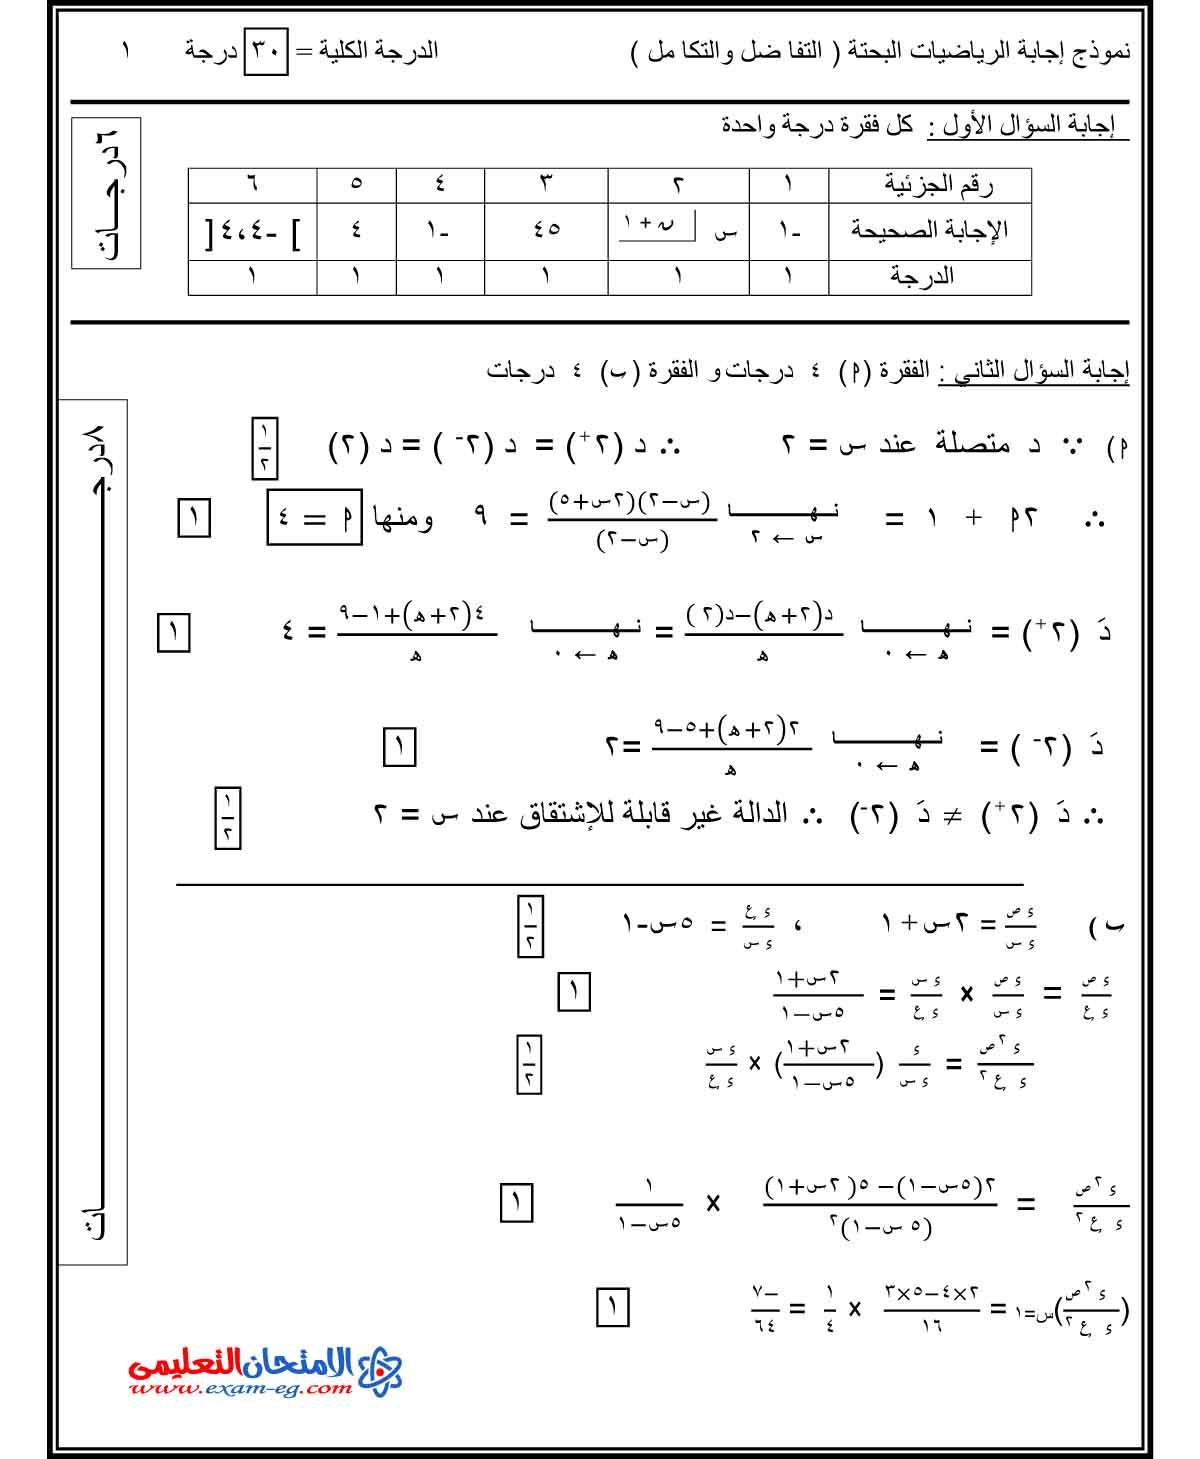 تفاضل وتكامل 1 - الامتحان التعليمى-3